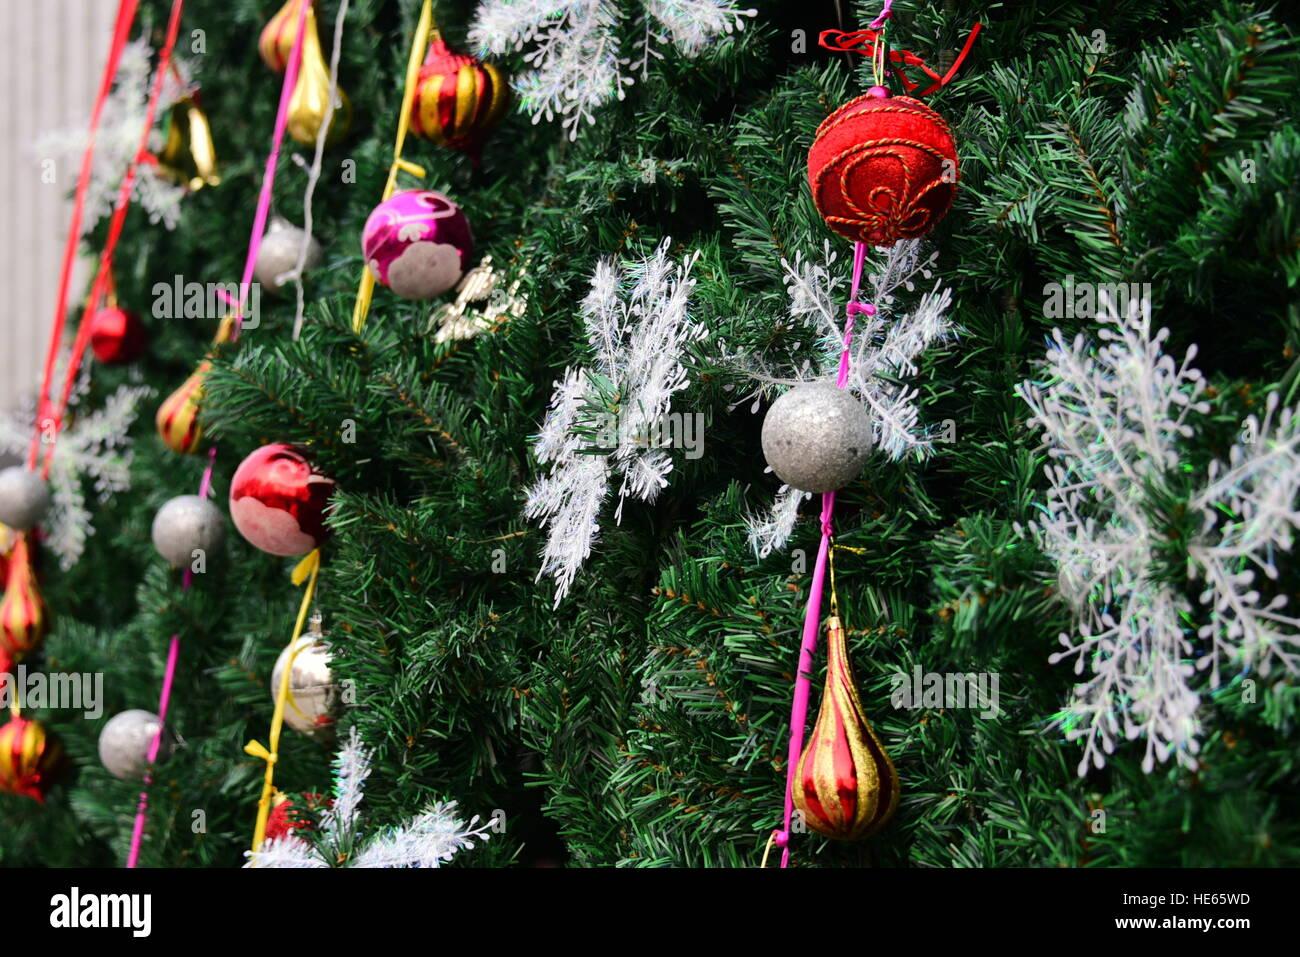 Ausgezeichnet Draht Weihnachtsbaum Weiße Lichter Bilder - Schaltplan ...